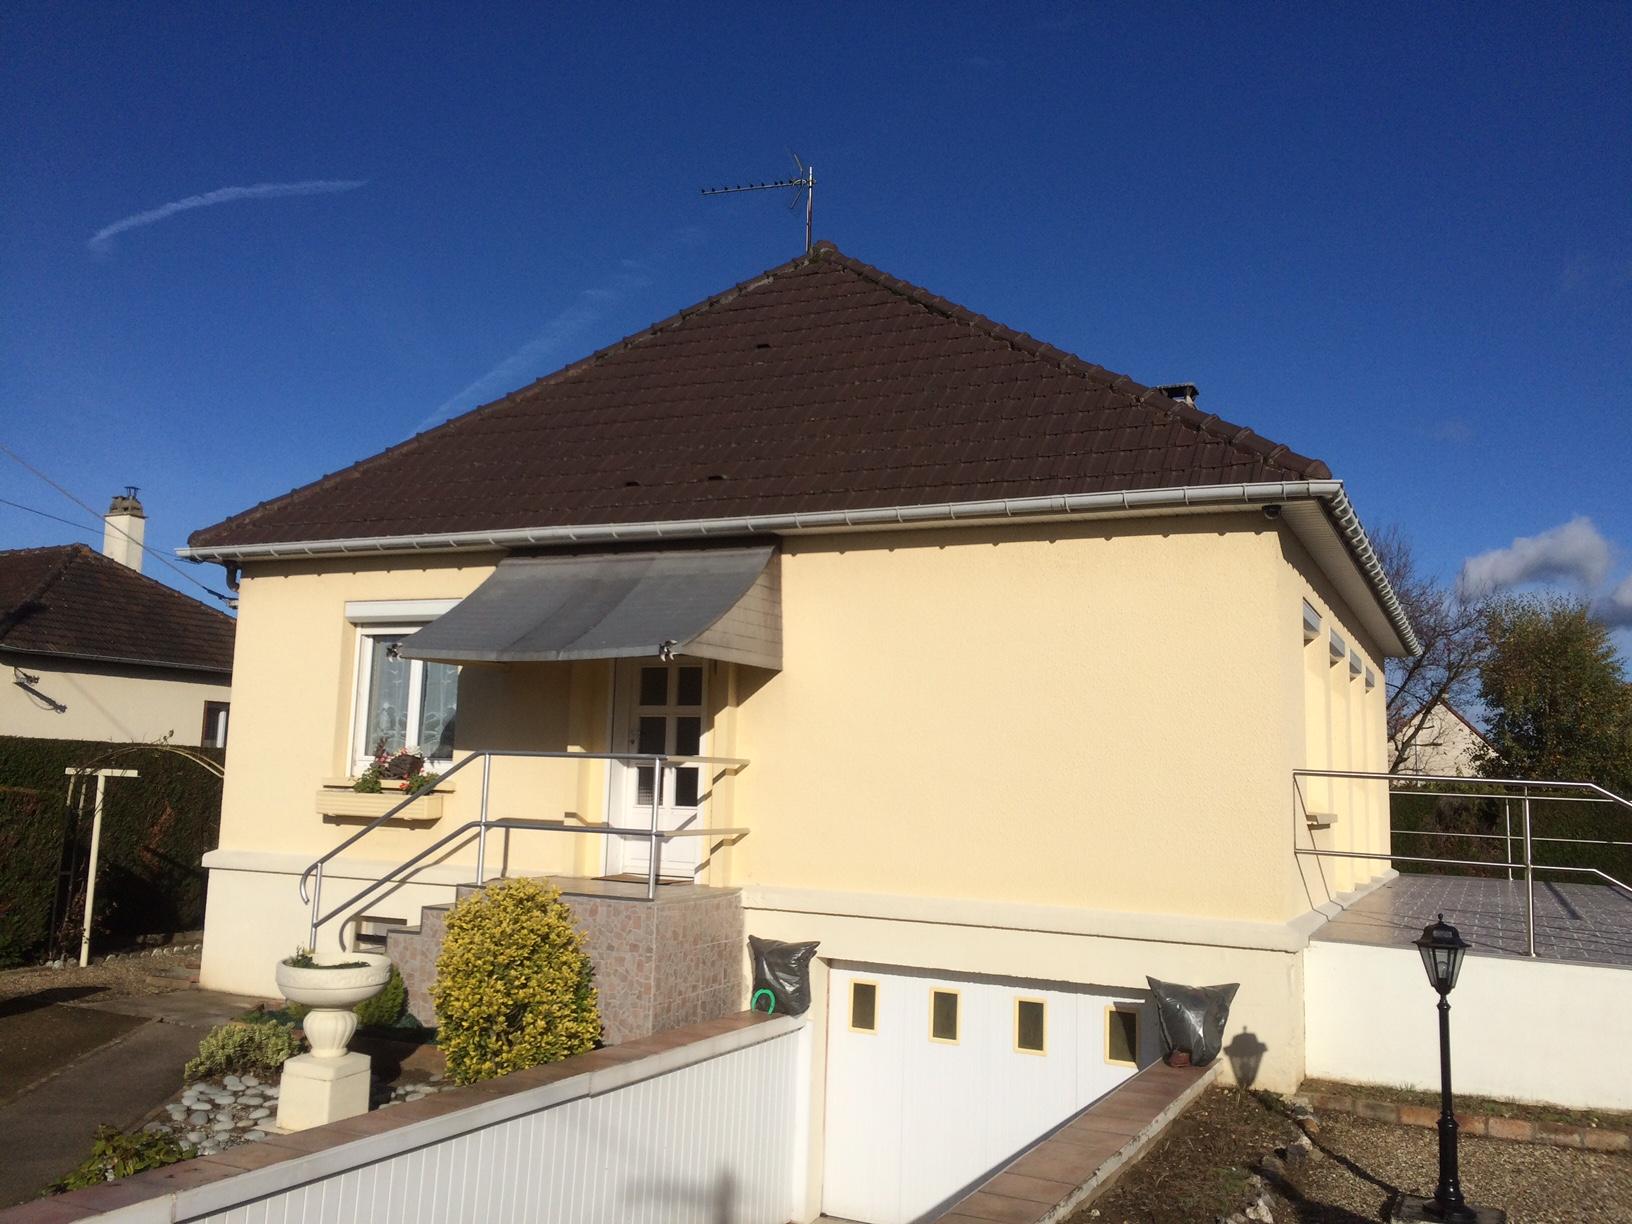 Nettoyage toiture à Courcelles sur seine près de Aubbevoye